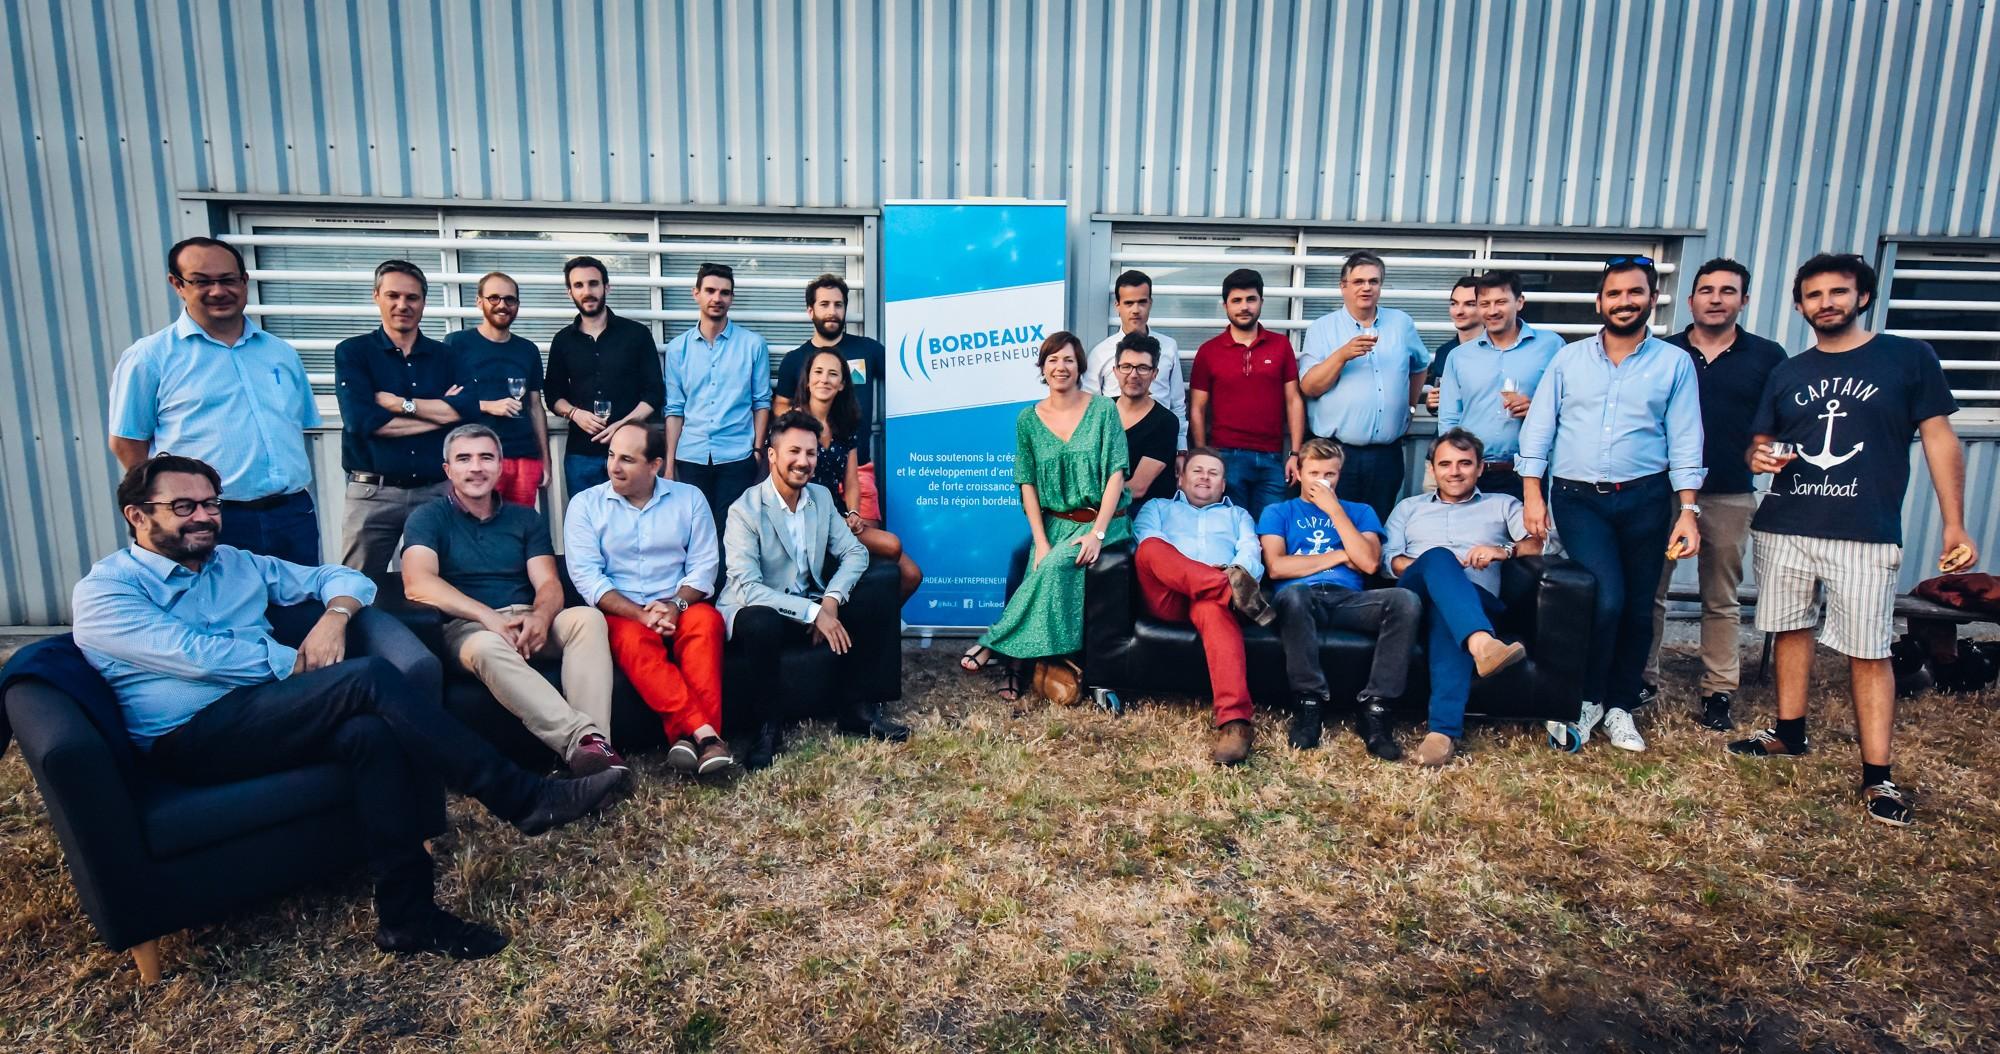 association-bordeaux-entrepreneurs